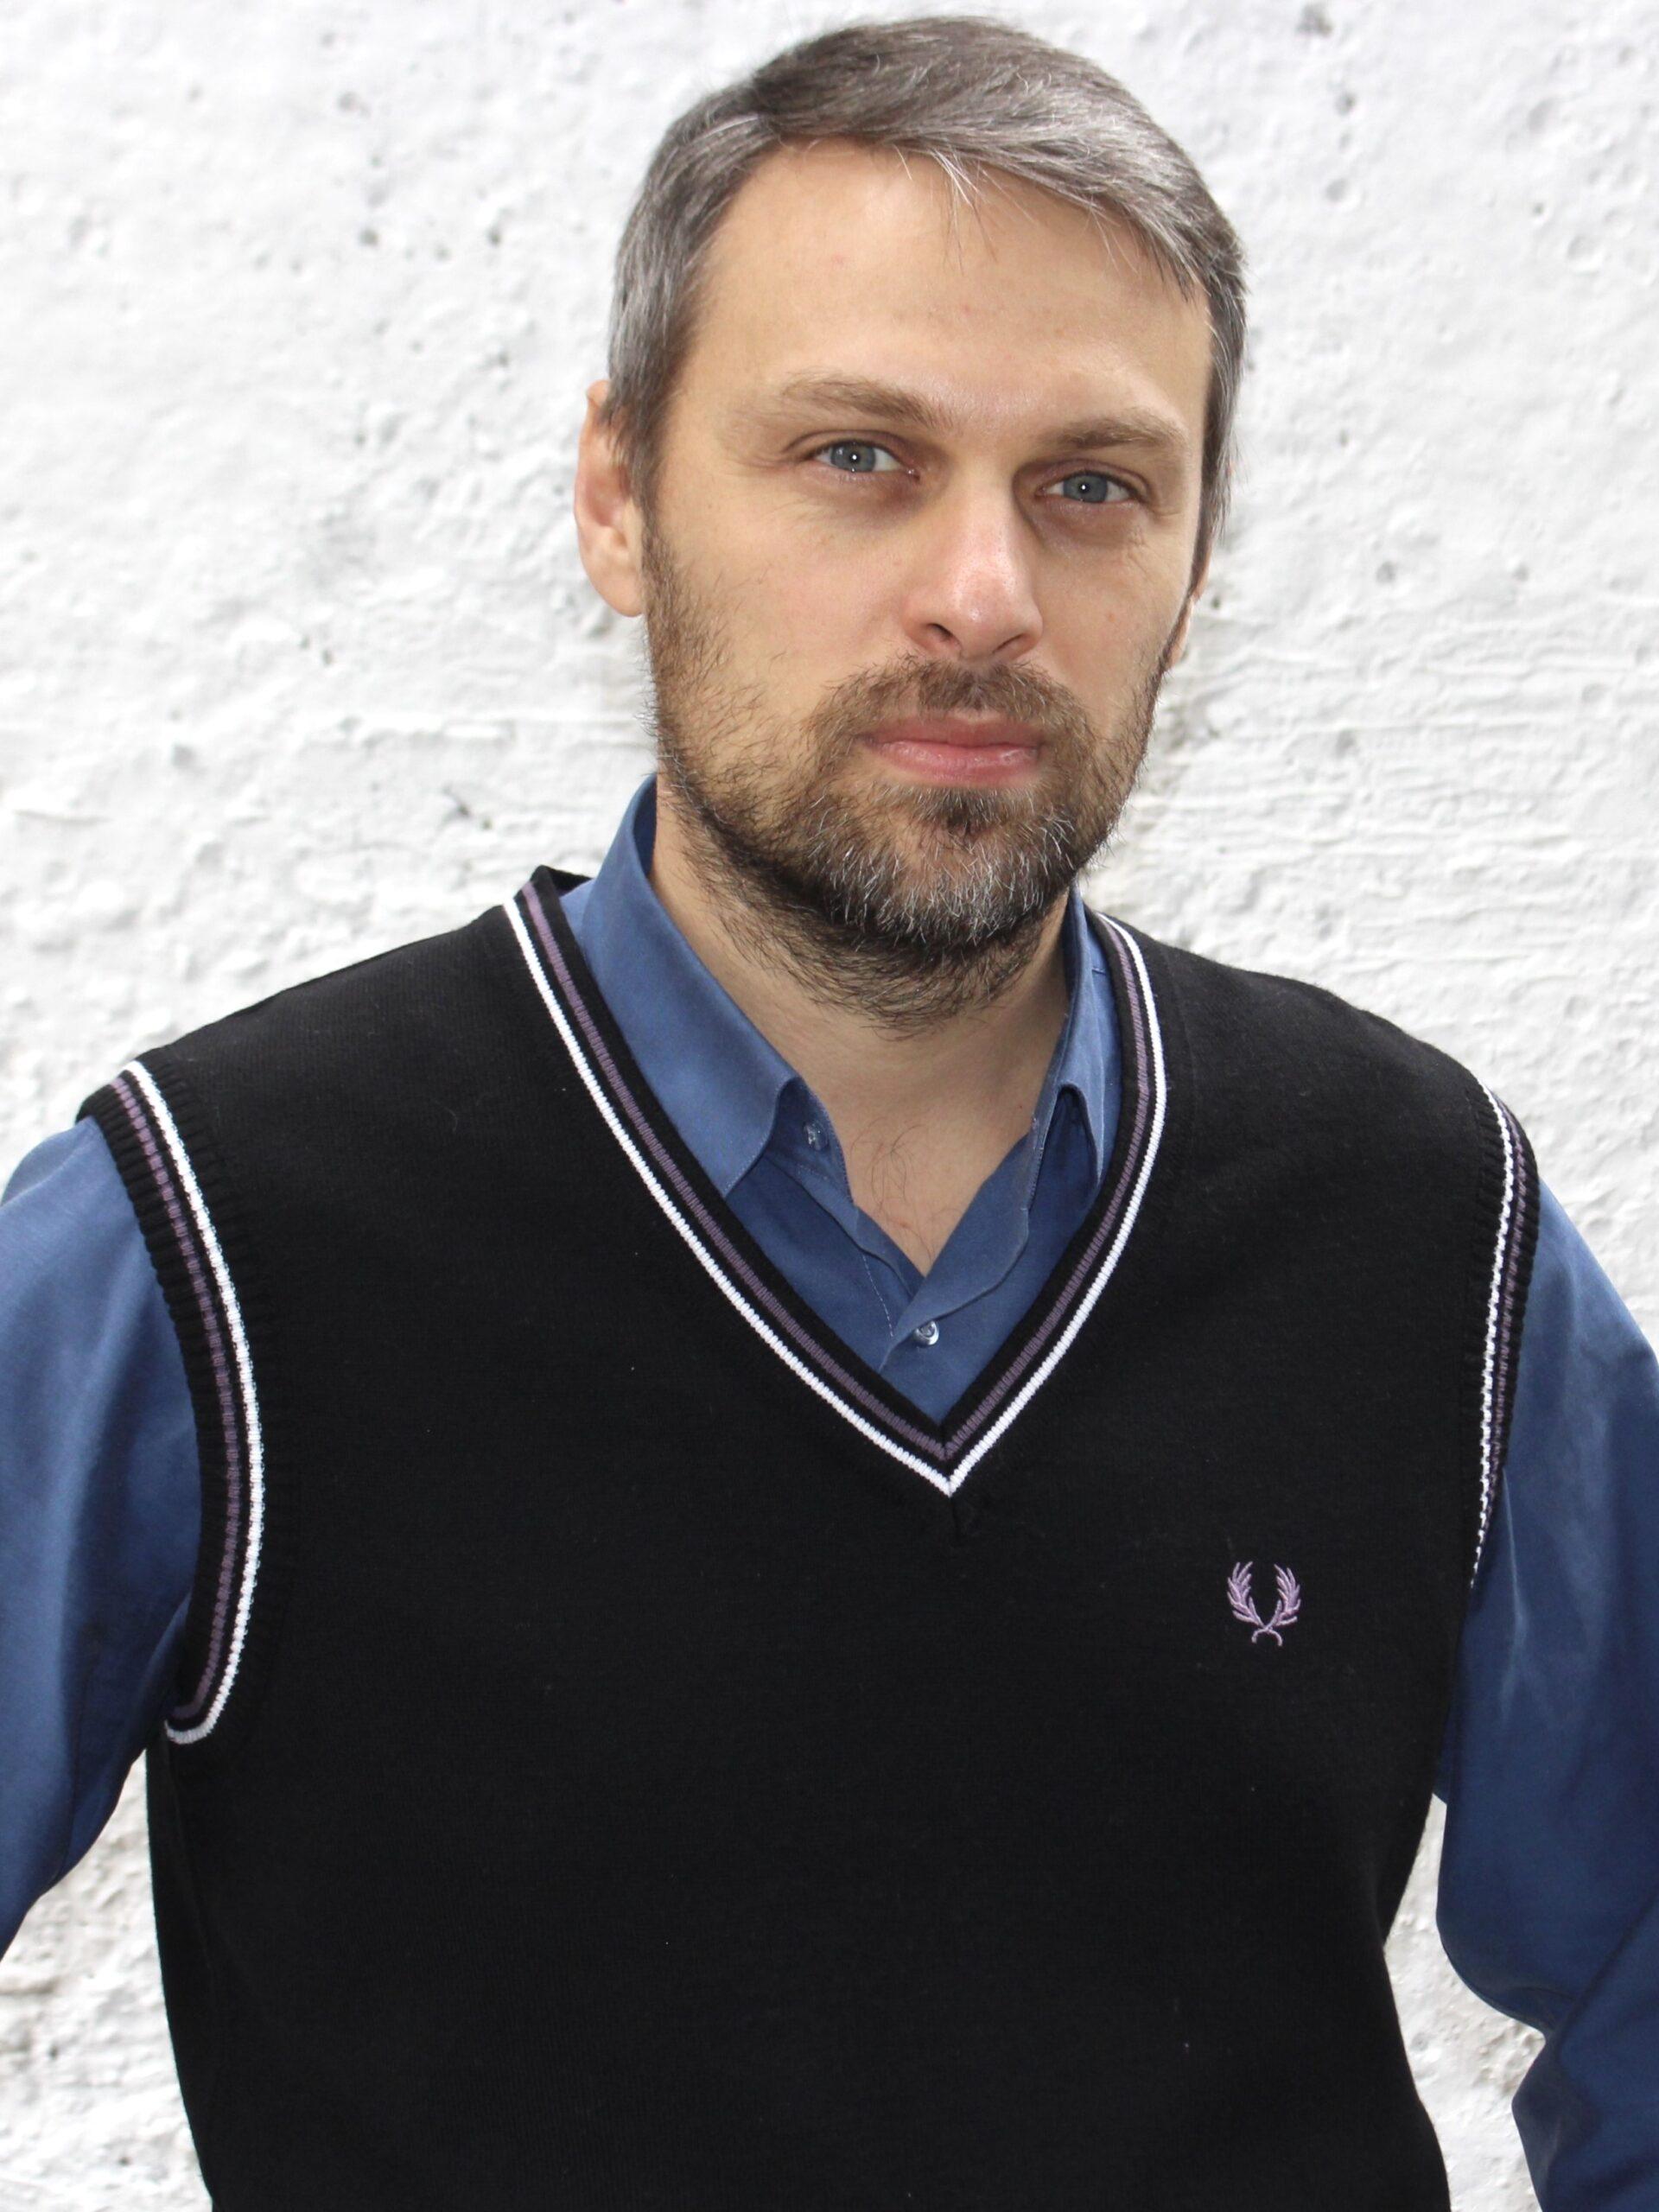 Dr. Bоhdan Serebrennikov